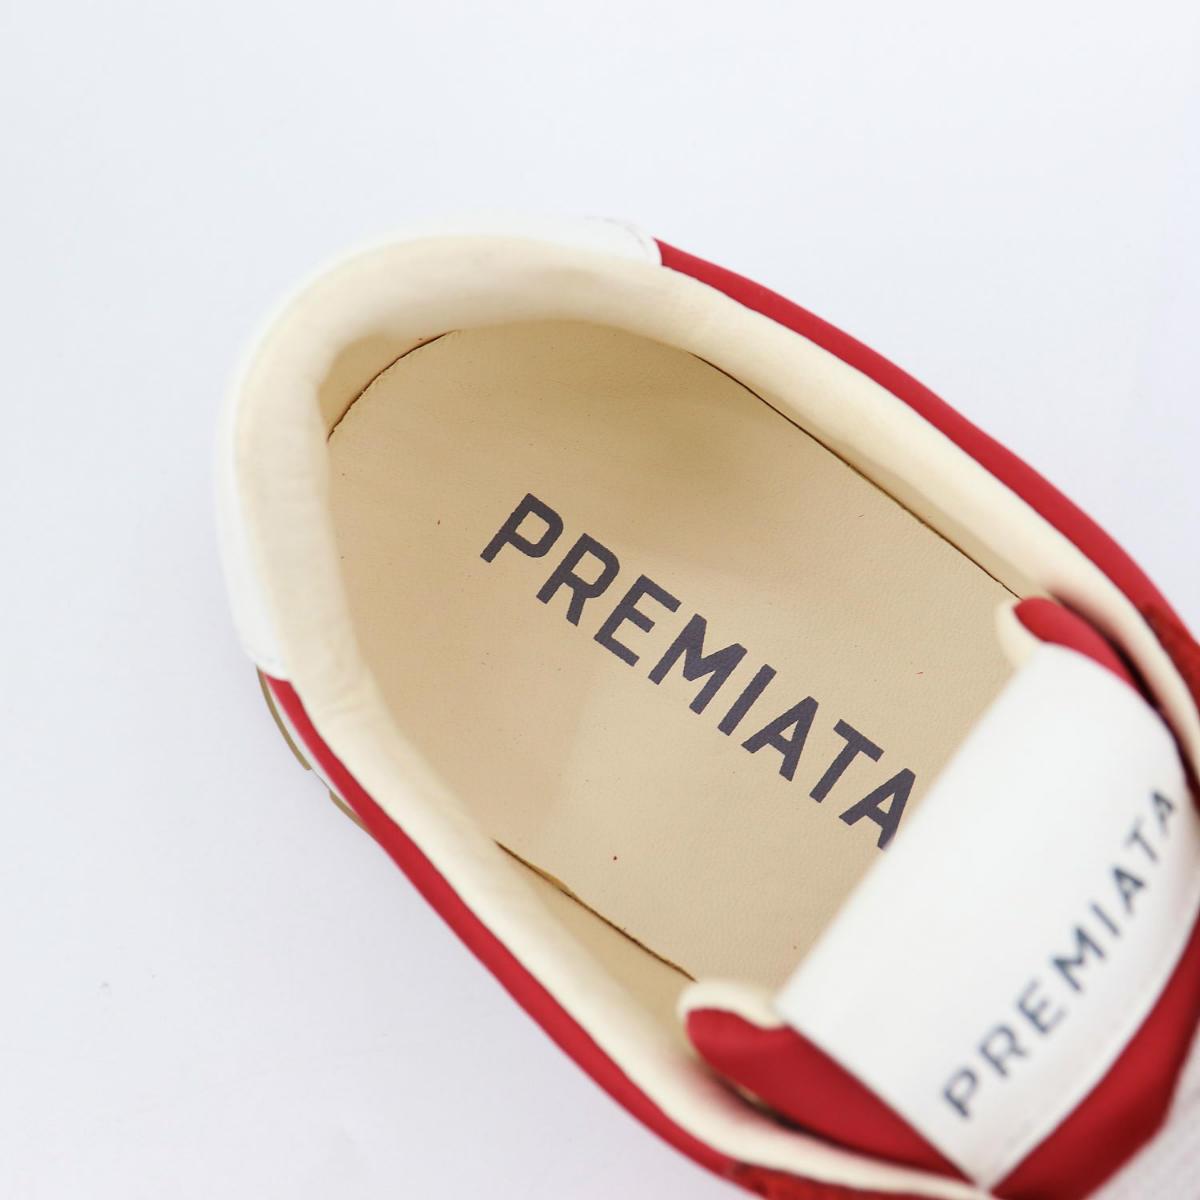 プレミアータホワイト PREMIATA WHITE メンズ ナイロン スエード ローカットスニーカー JOHN LOW PRH RED(レッド) 春夏新作